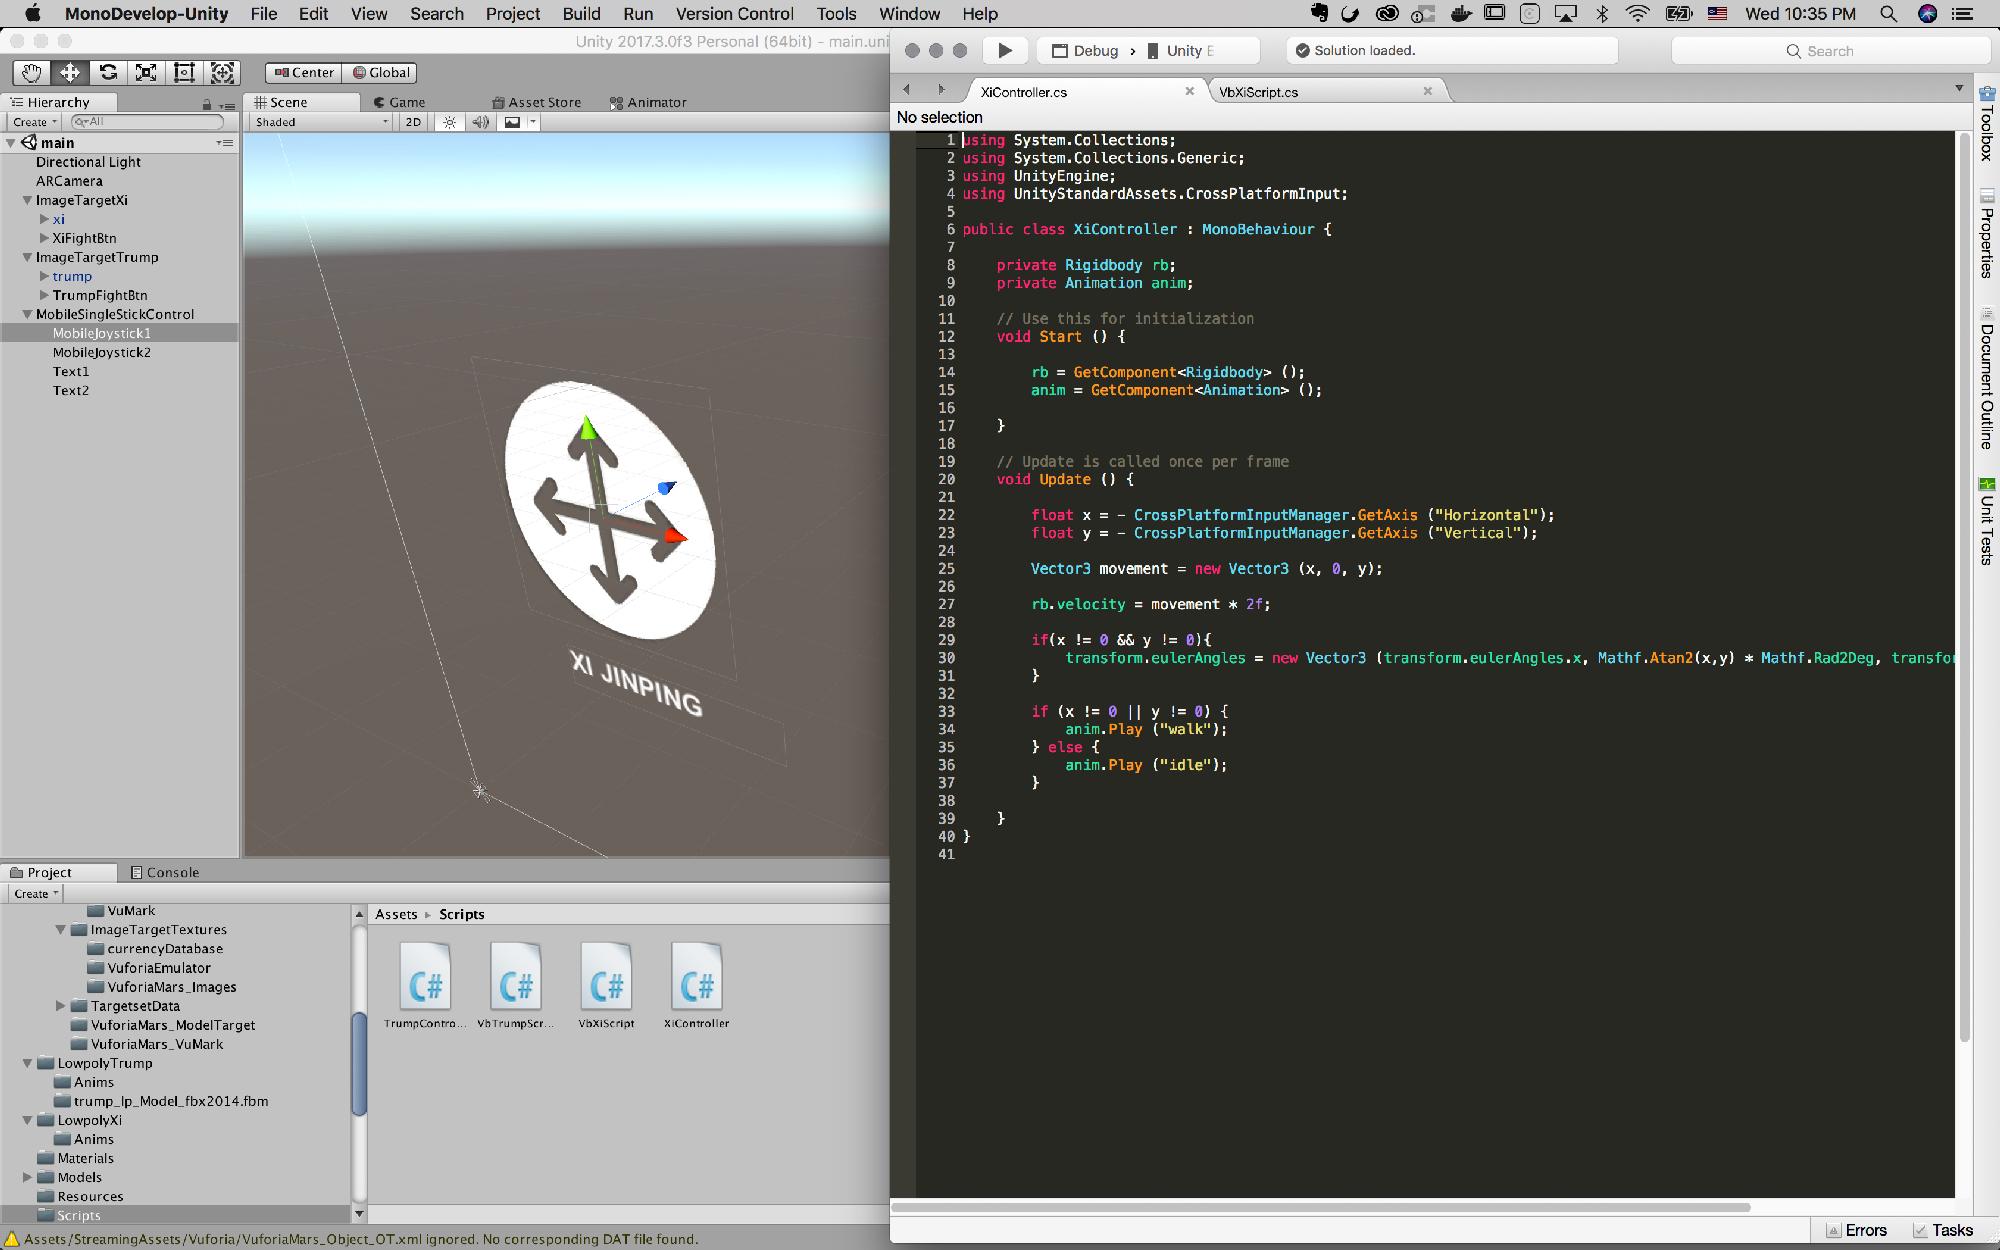 Joystick control script